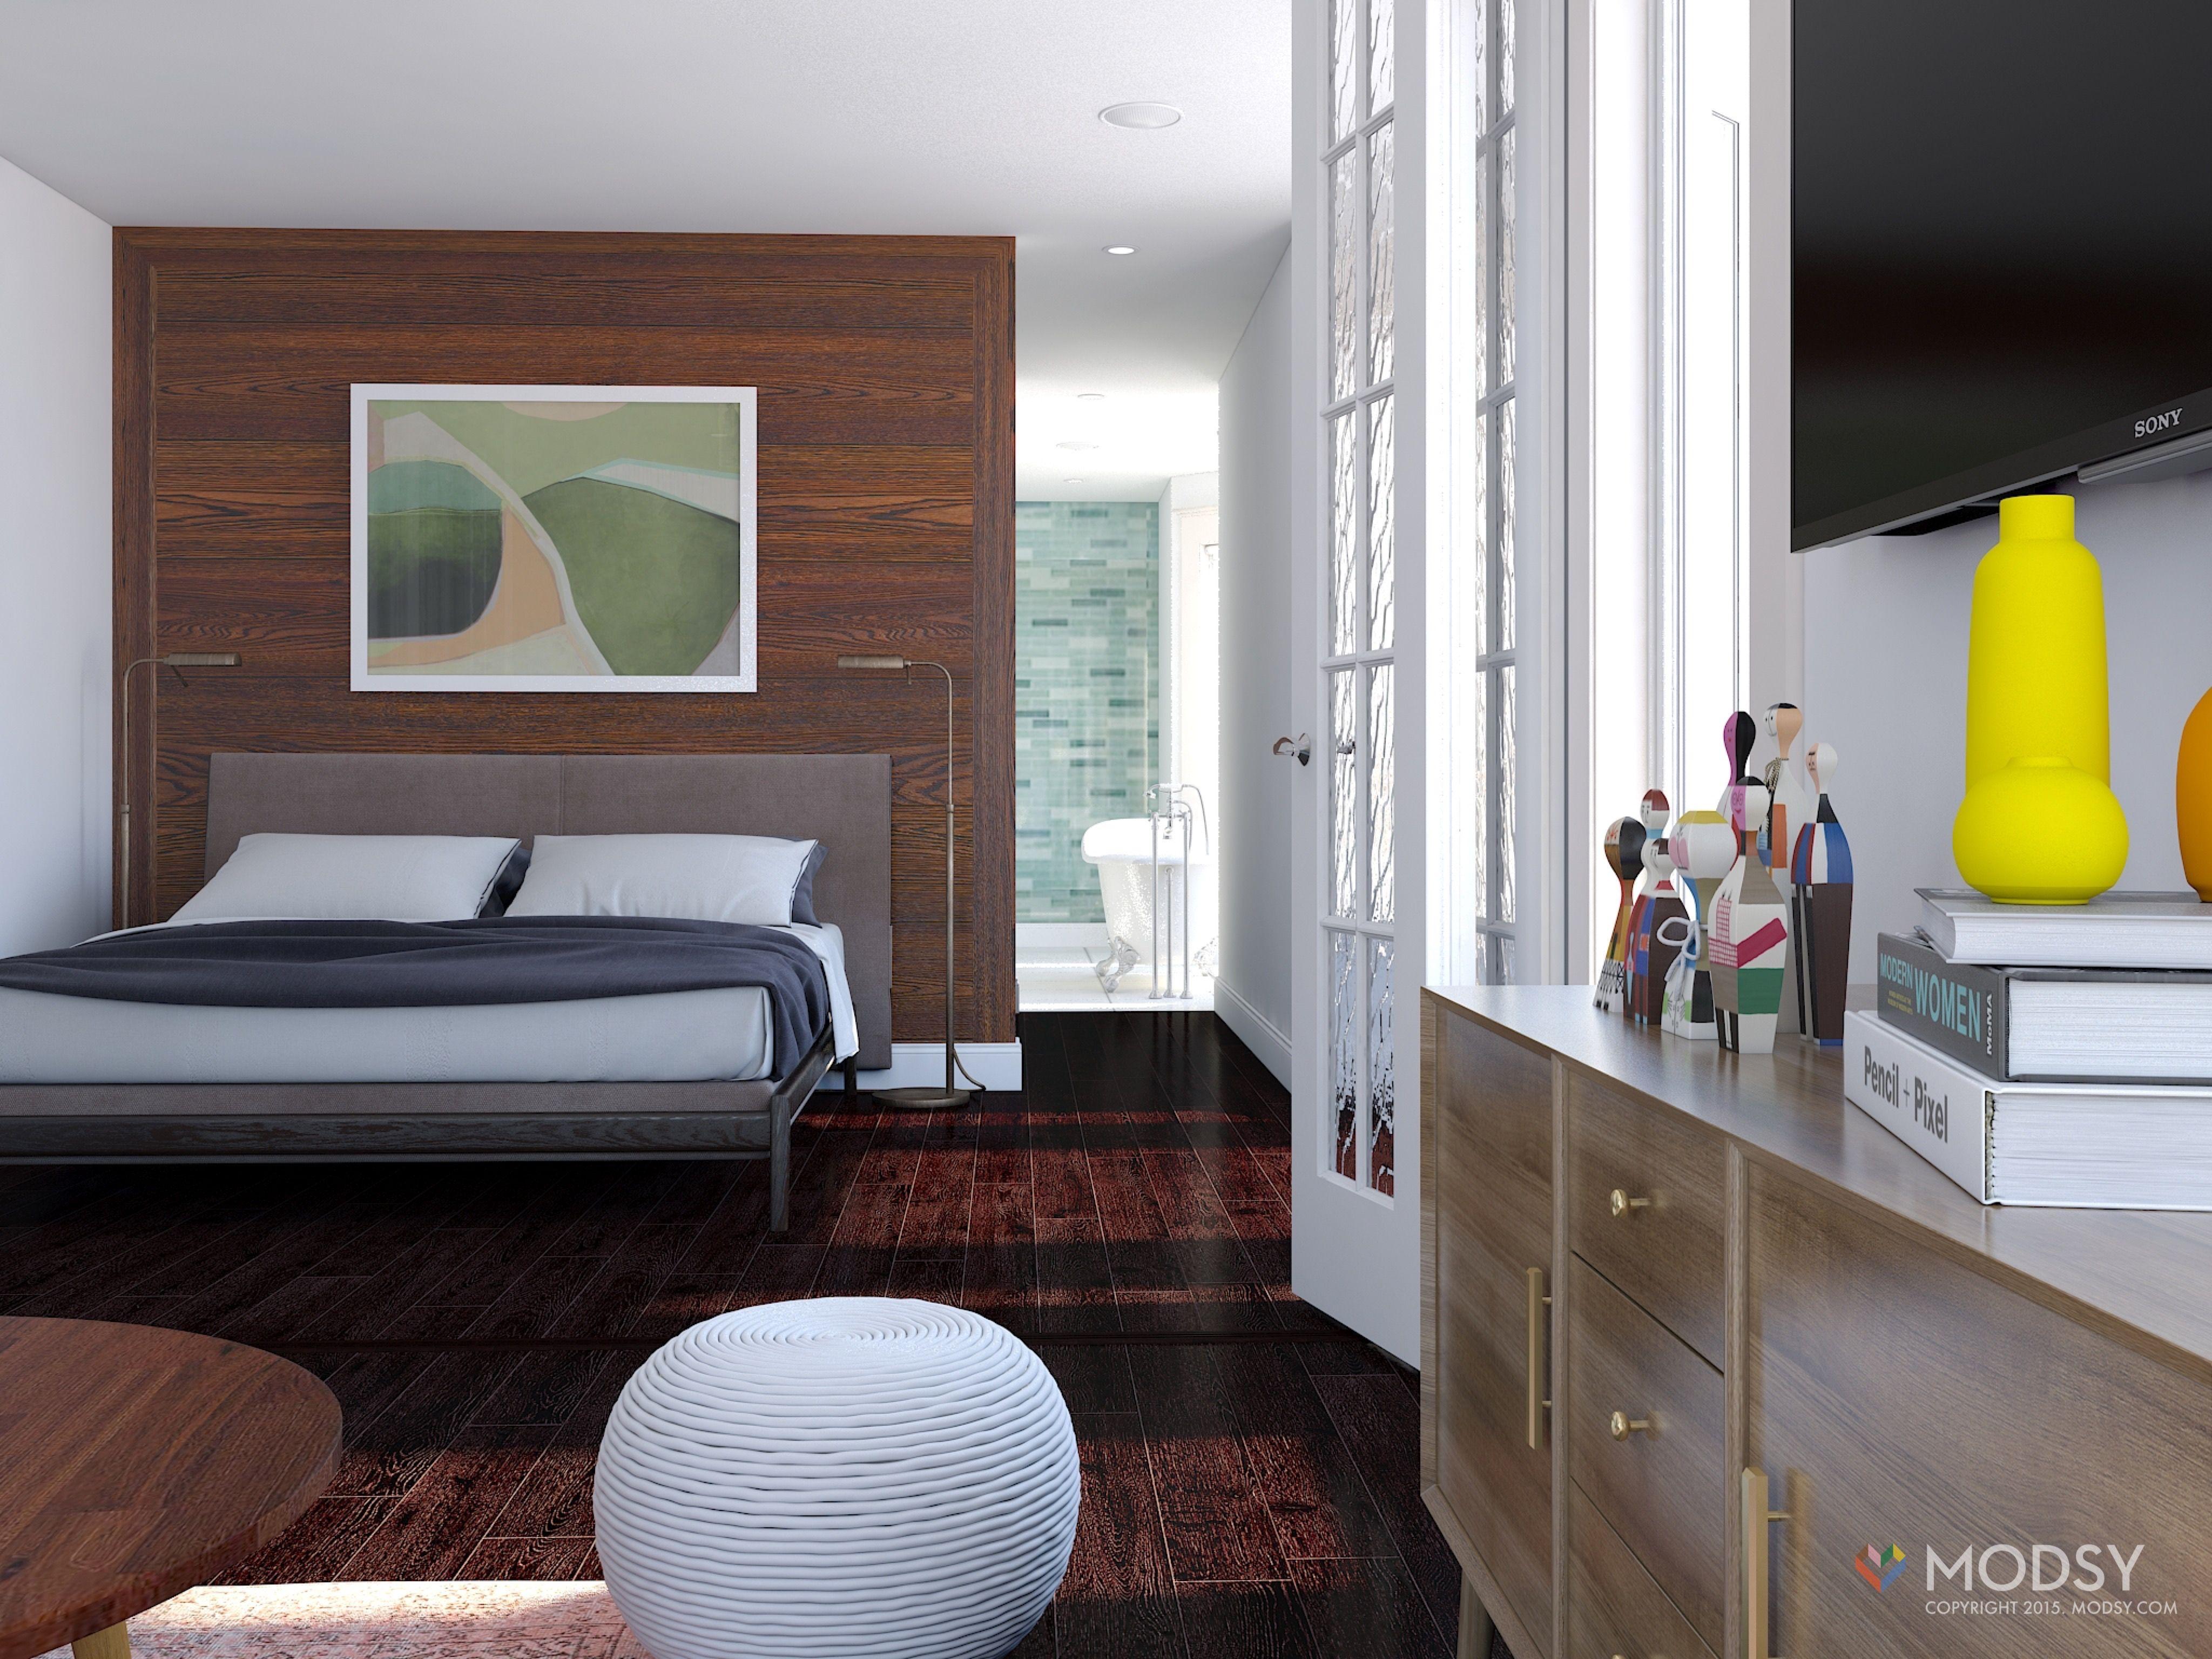 Modern Minimalist Bedroom Furniture Modsy 3d Rendering Modern Minimalist Bedroom Modsymagic